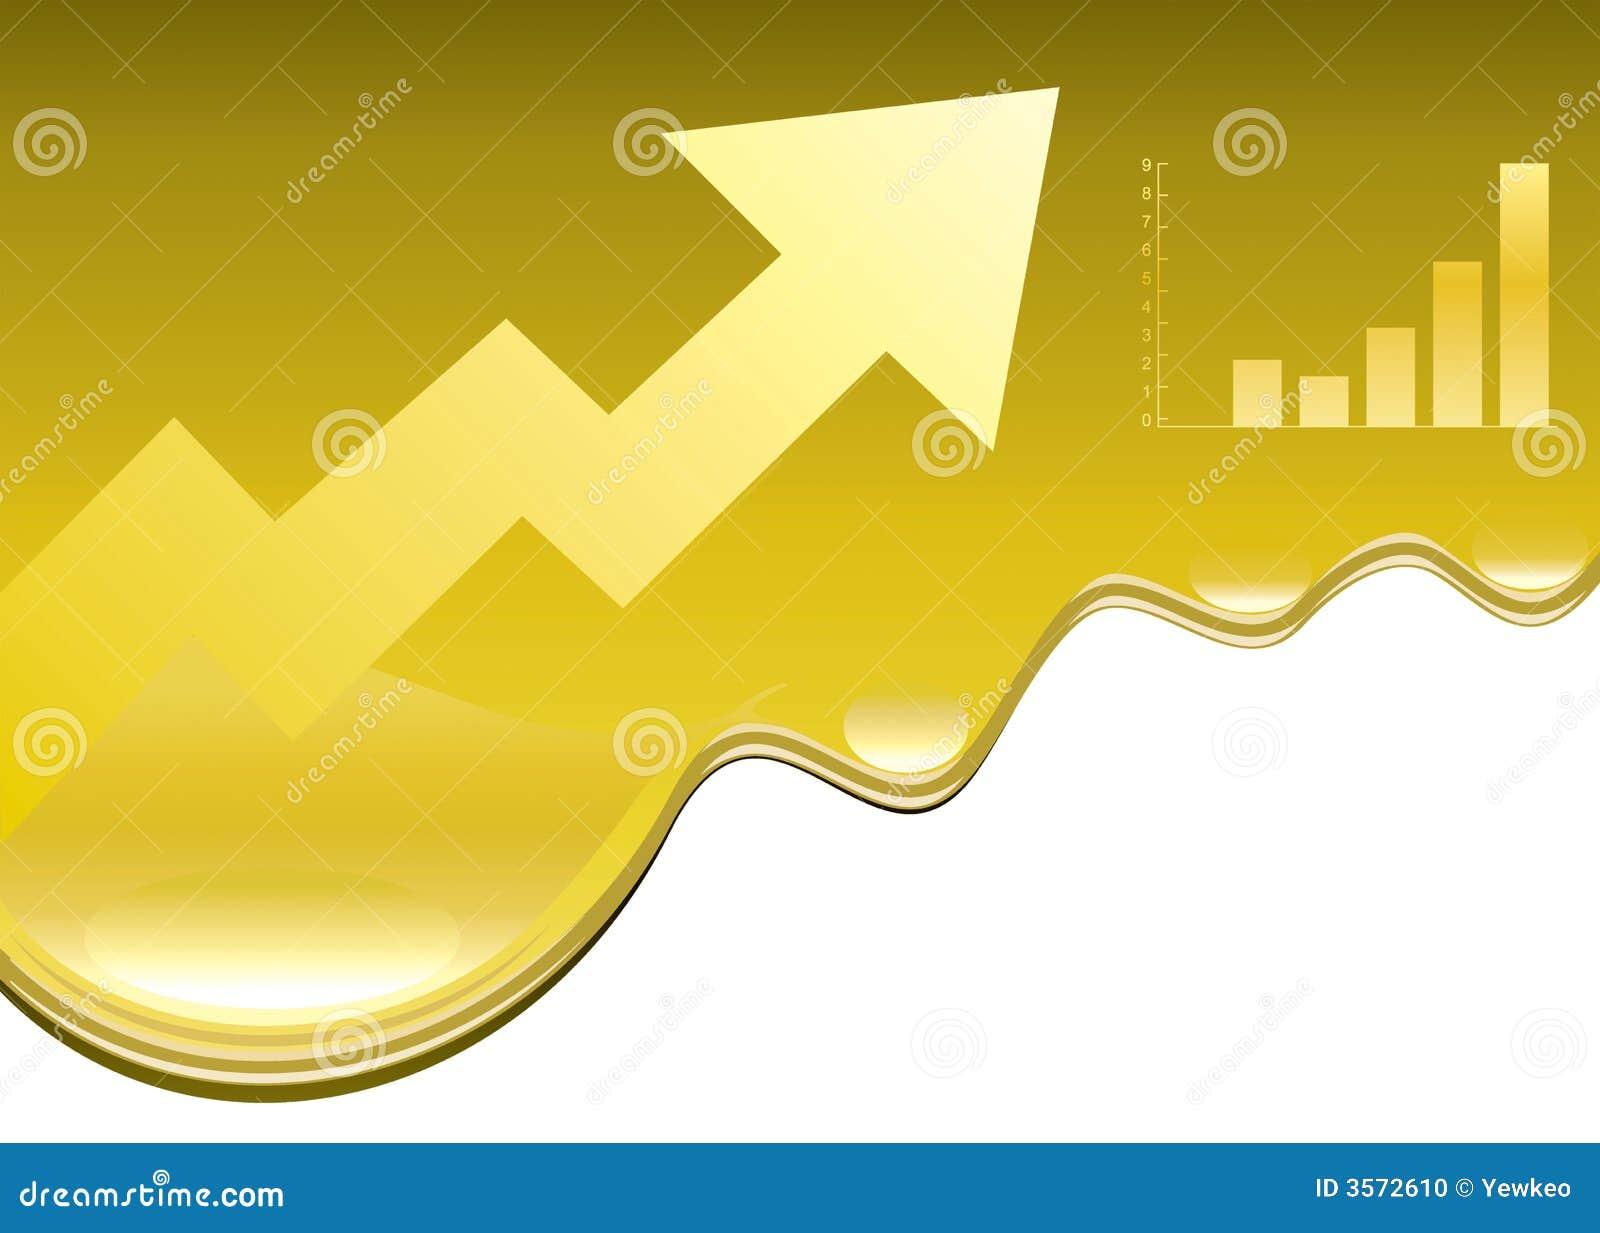 Levantamiento del precio del petróleo